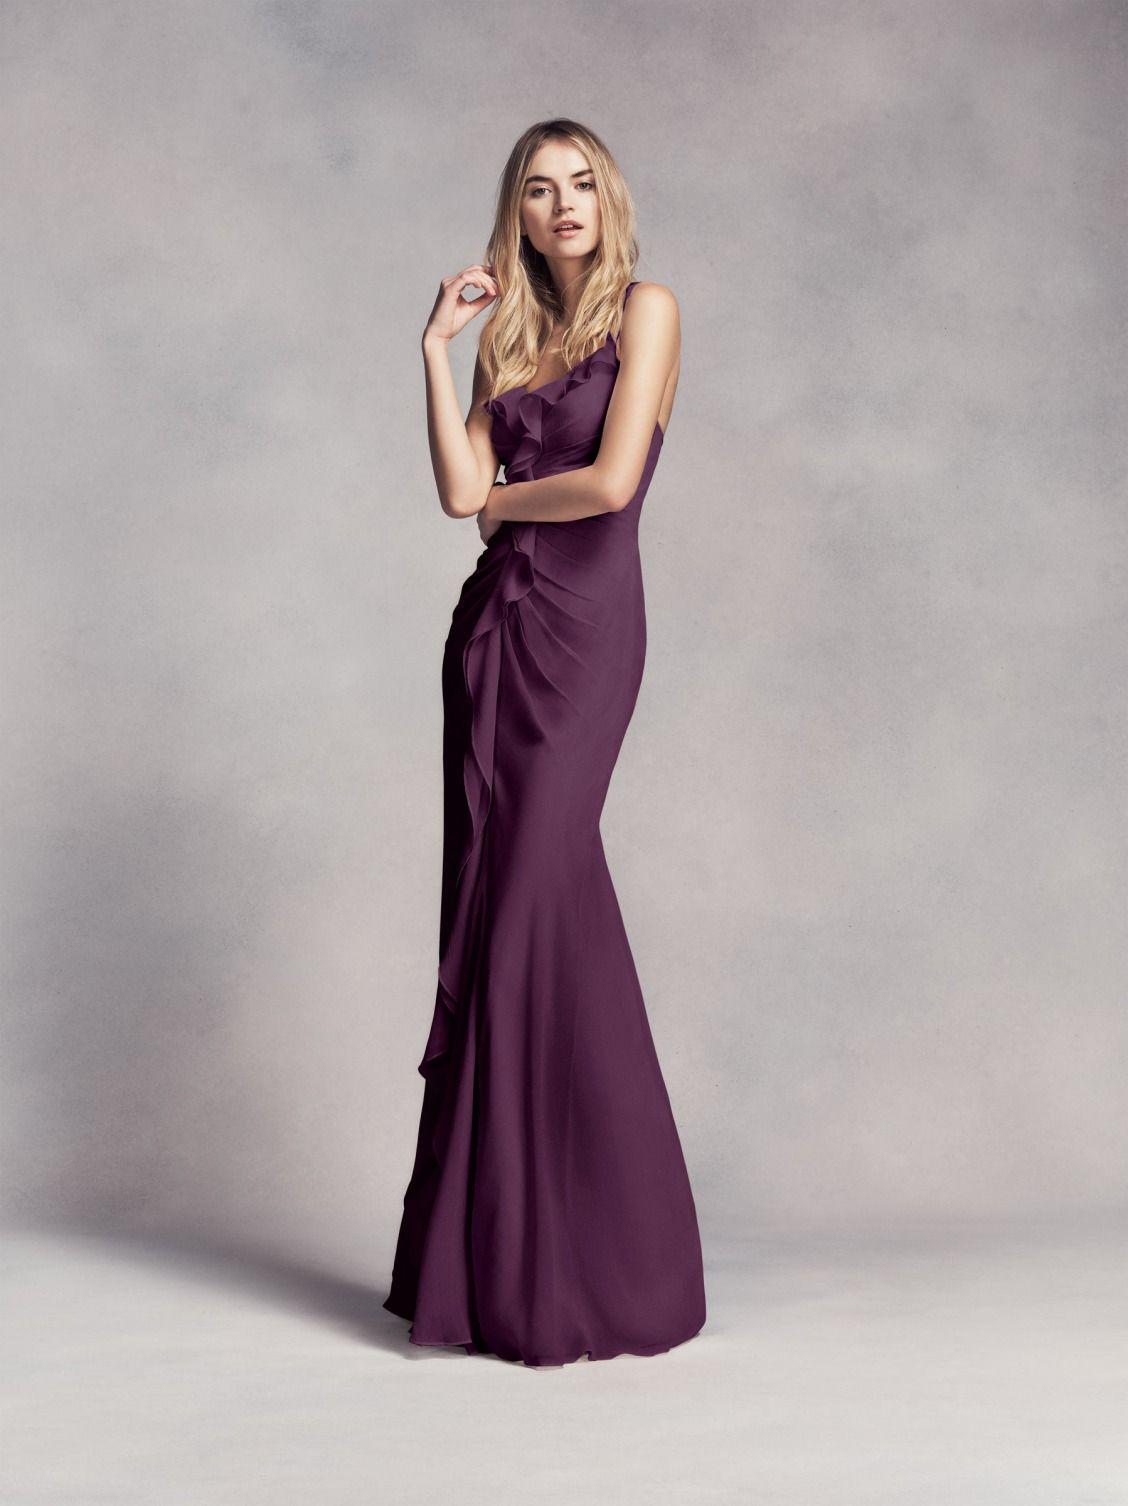 69b999ed1c6 Spaghetti Strap and Ruffled Long Purple Chiffon White by Vera Wang Bridesmaid  Dress at David s Bridal